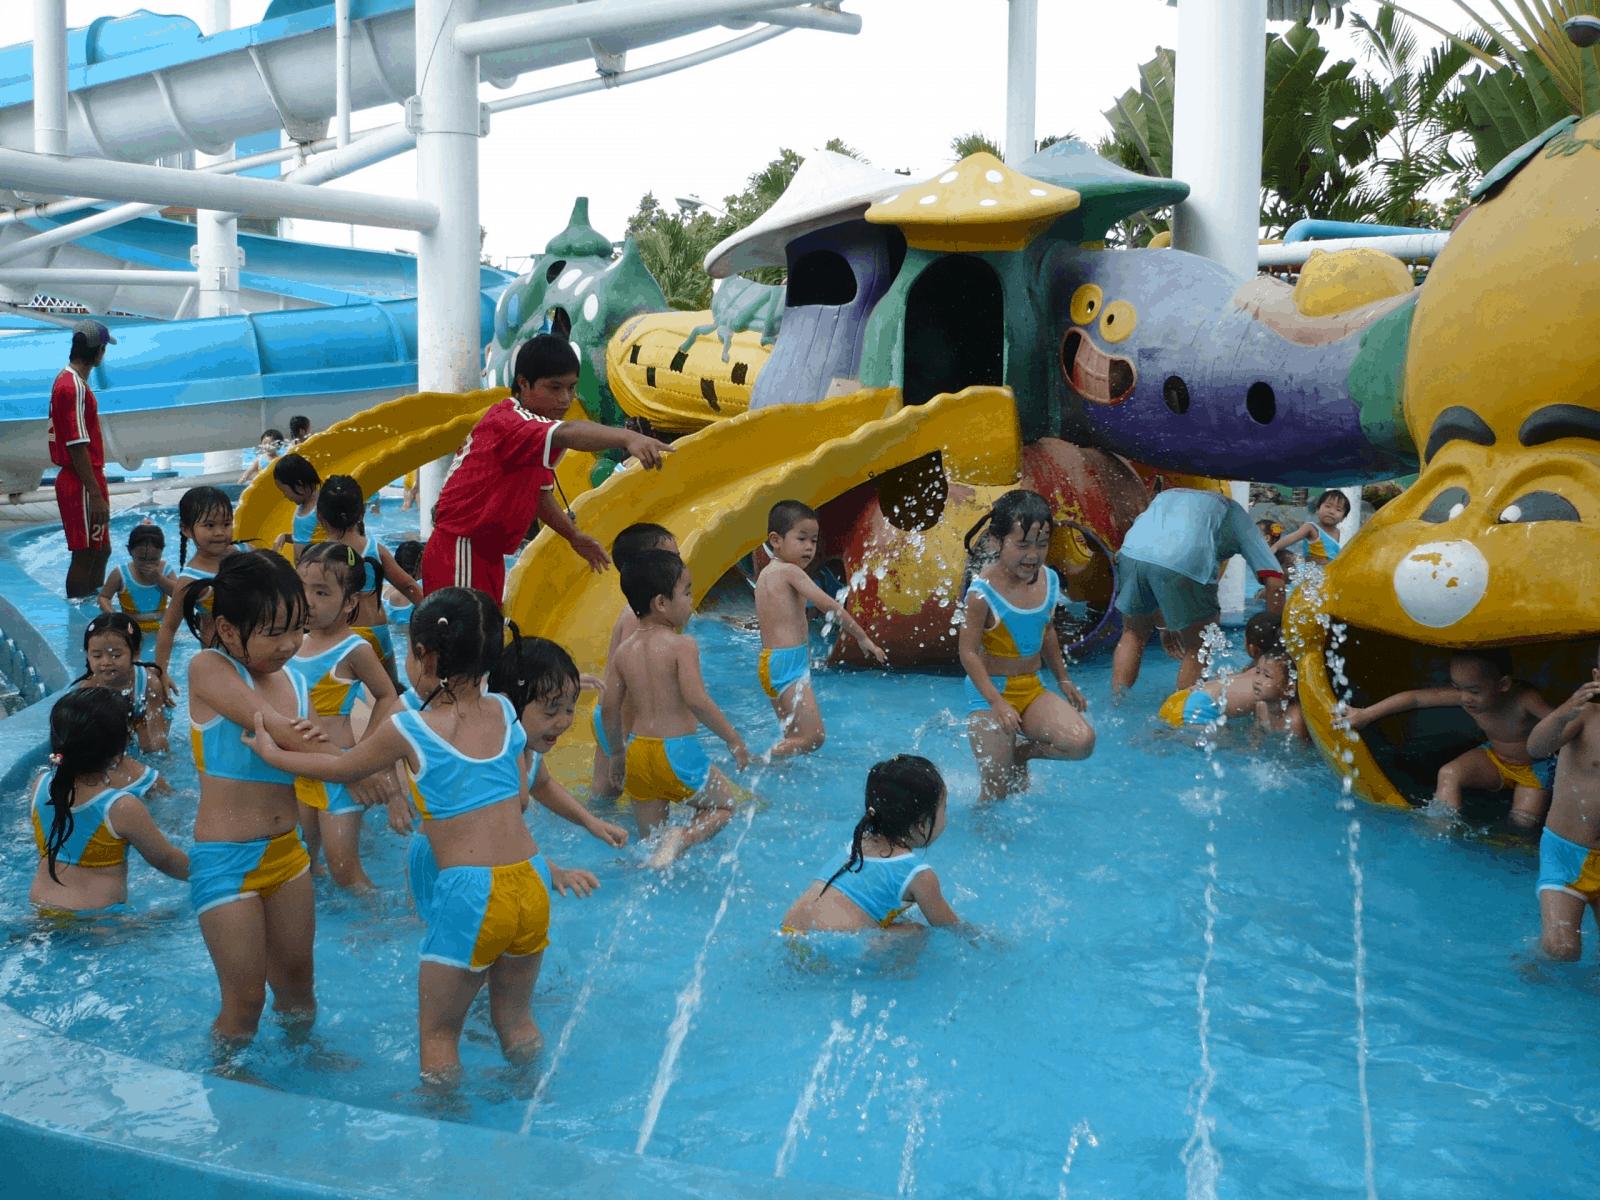 Địa điểm công viên nước Đại Thế Giới Hồ Chí Minh thu hút nhiều các em nhỏ (Ảnh: Sưu tầm)